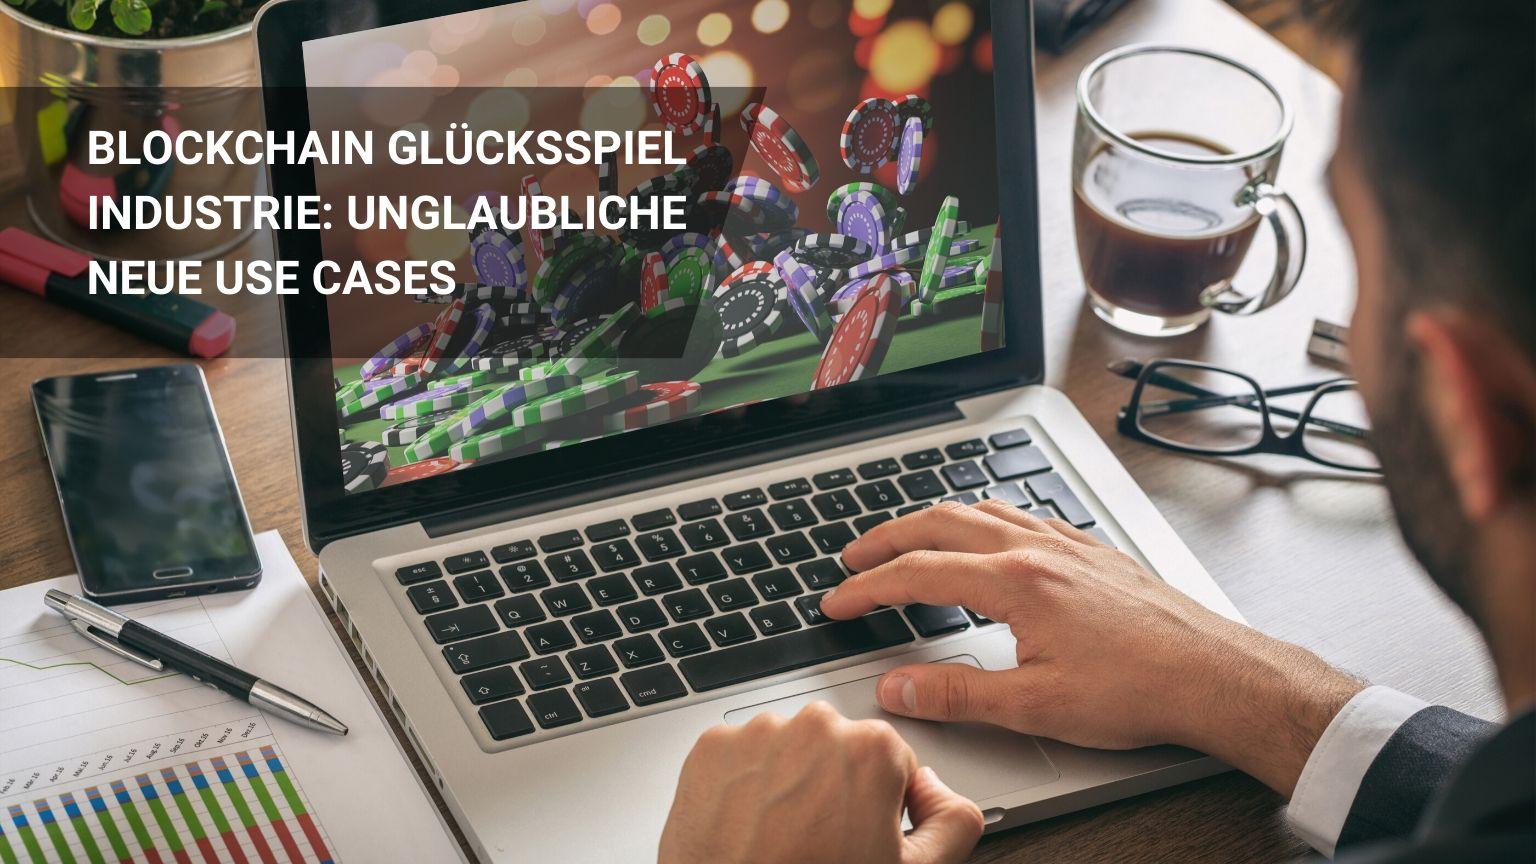 Die 6 Besten Blockchain Glücksspiel Industrie Anwendungen!